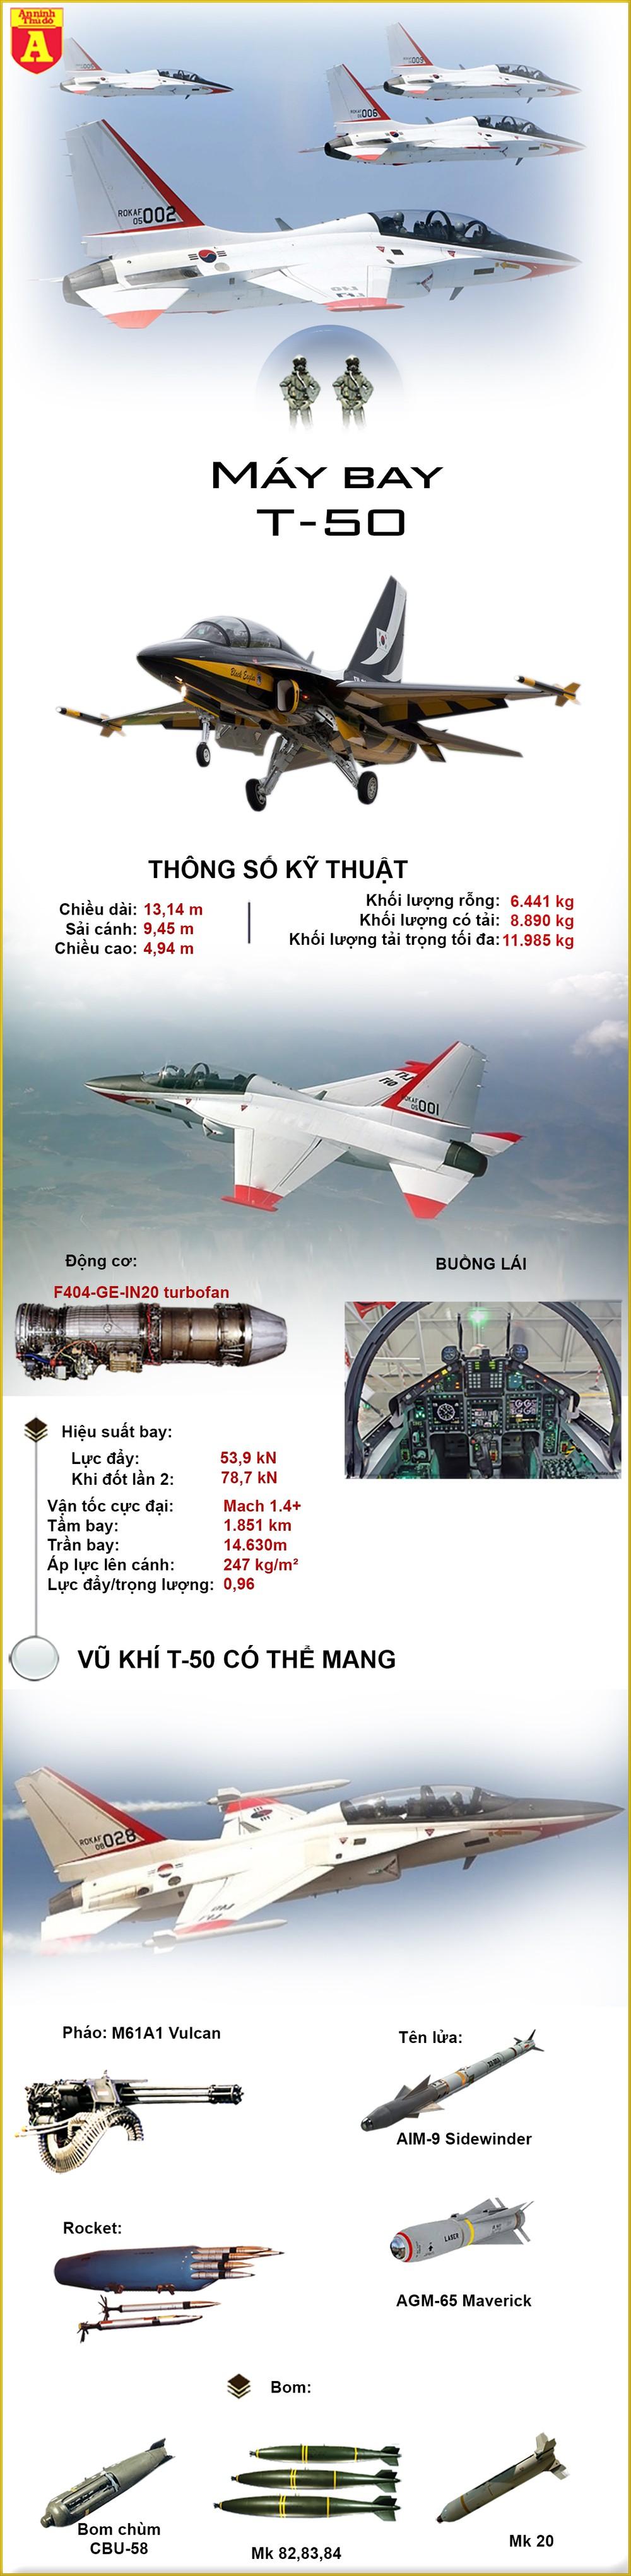 """[Info] """"Đại bàng vàng"""" T-50 cuối cùng đã vào biên chế không quân Iraq ảnh 2"""